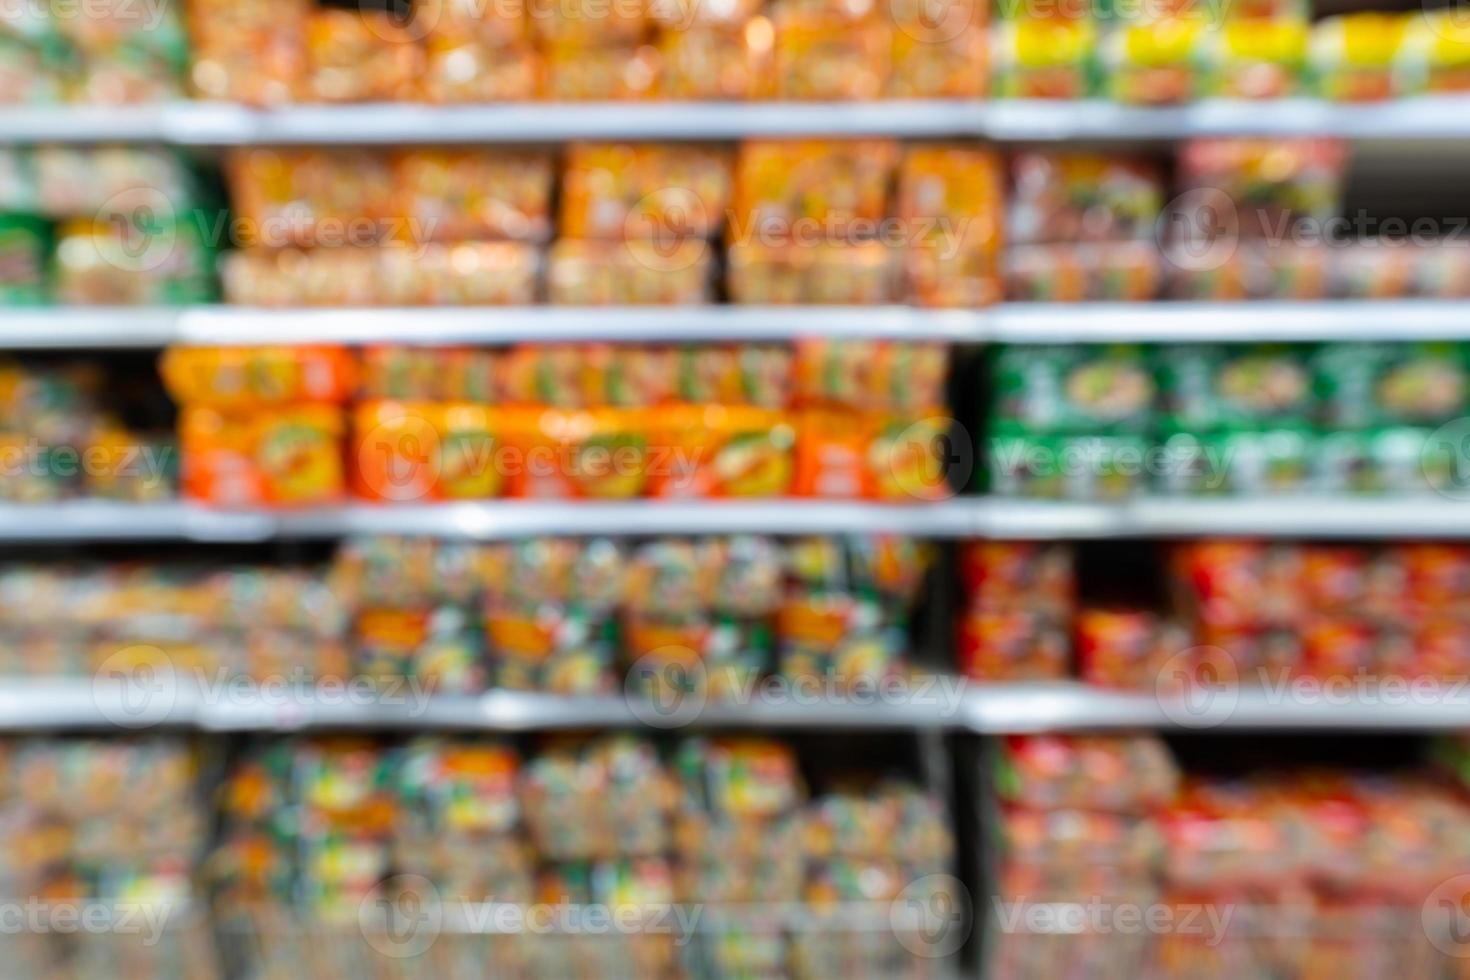 wazige schappen in de supermarkt foto